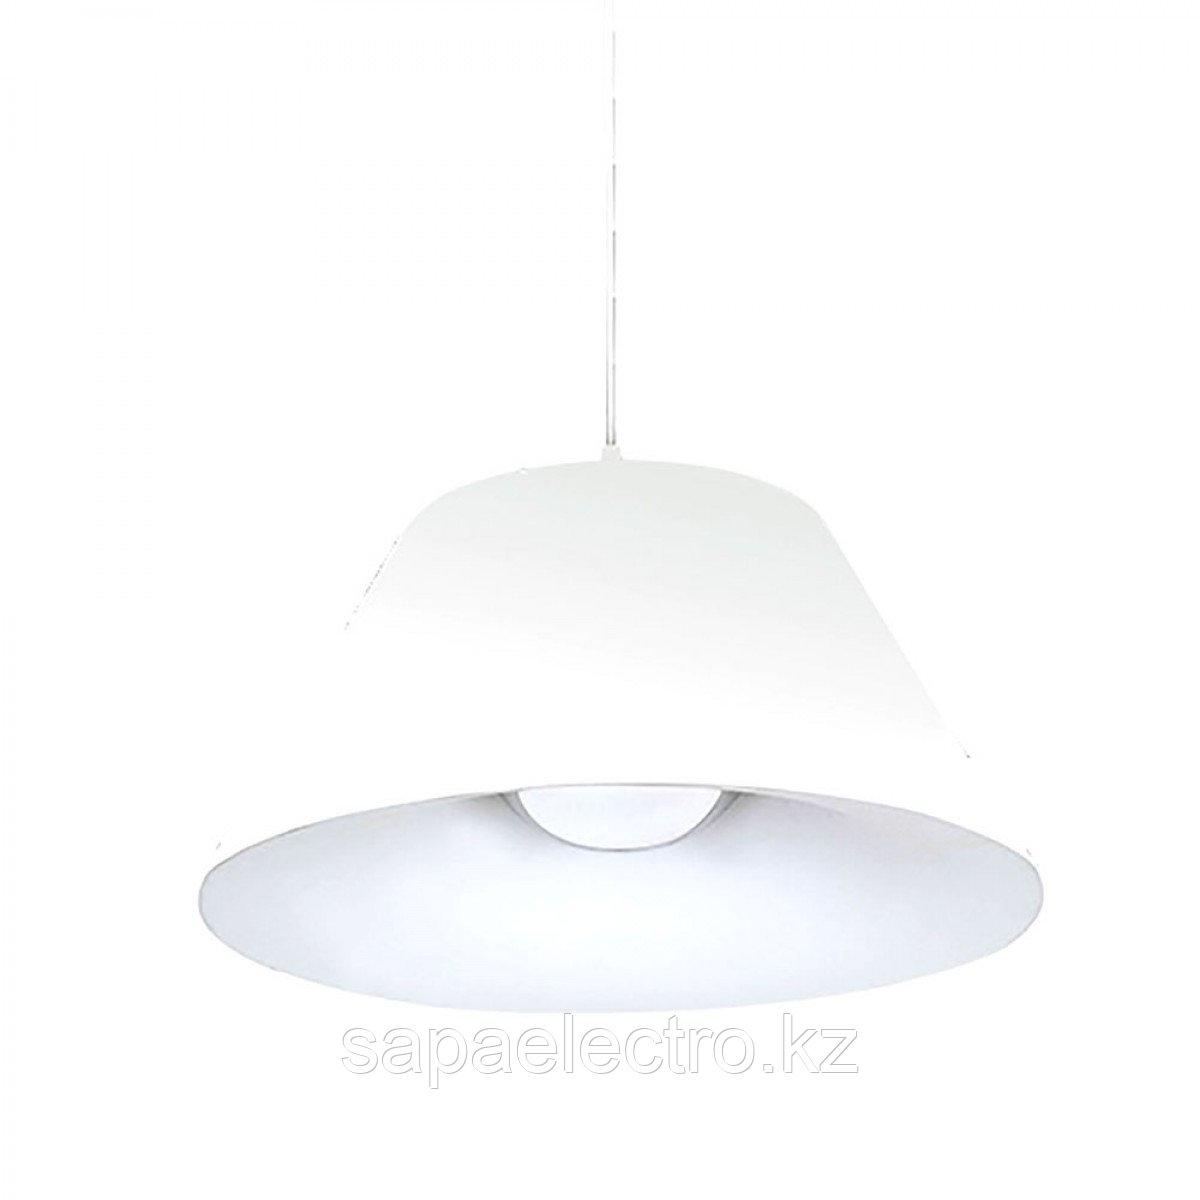 Свет-к KK9029 WHITE T5 28W 6400K ASYA-AVIZE(1шт)